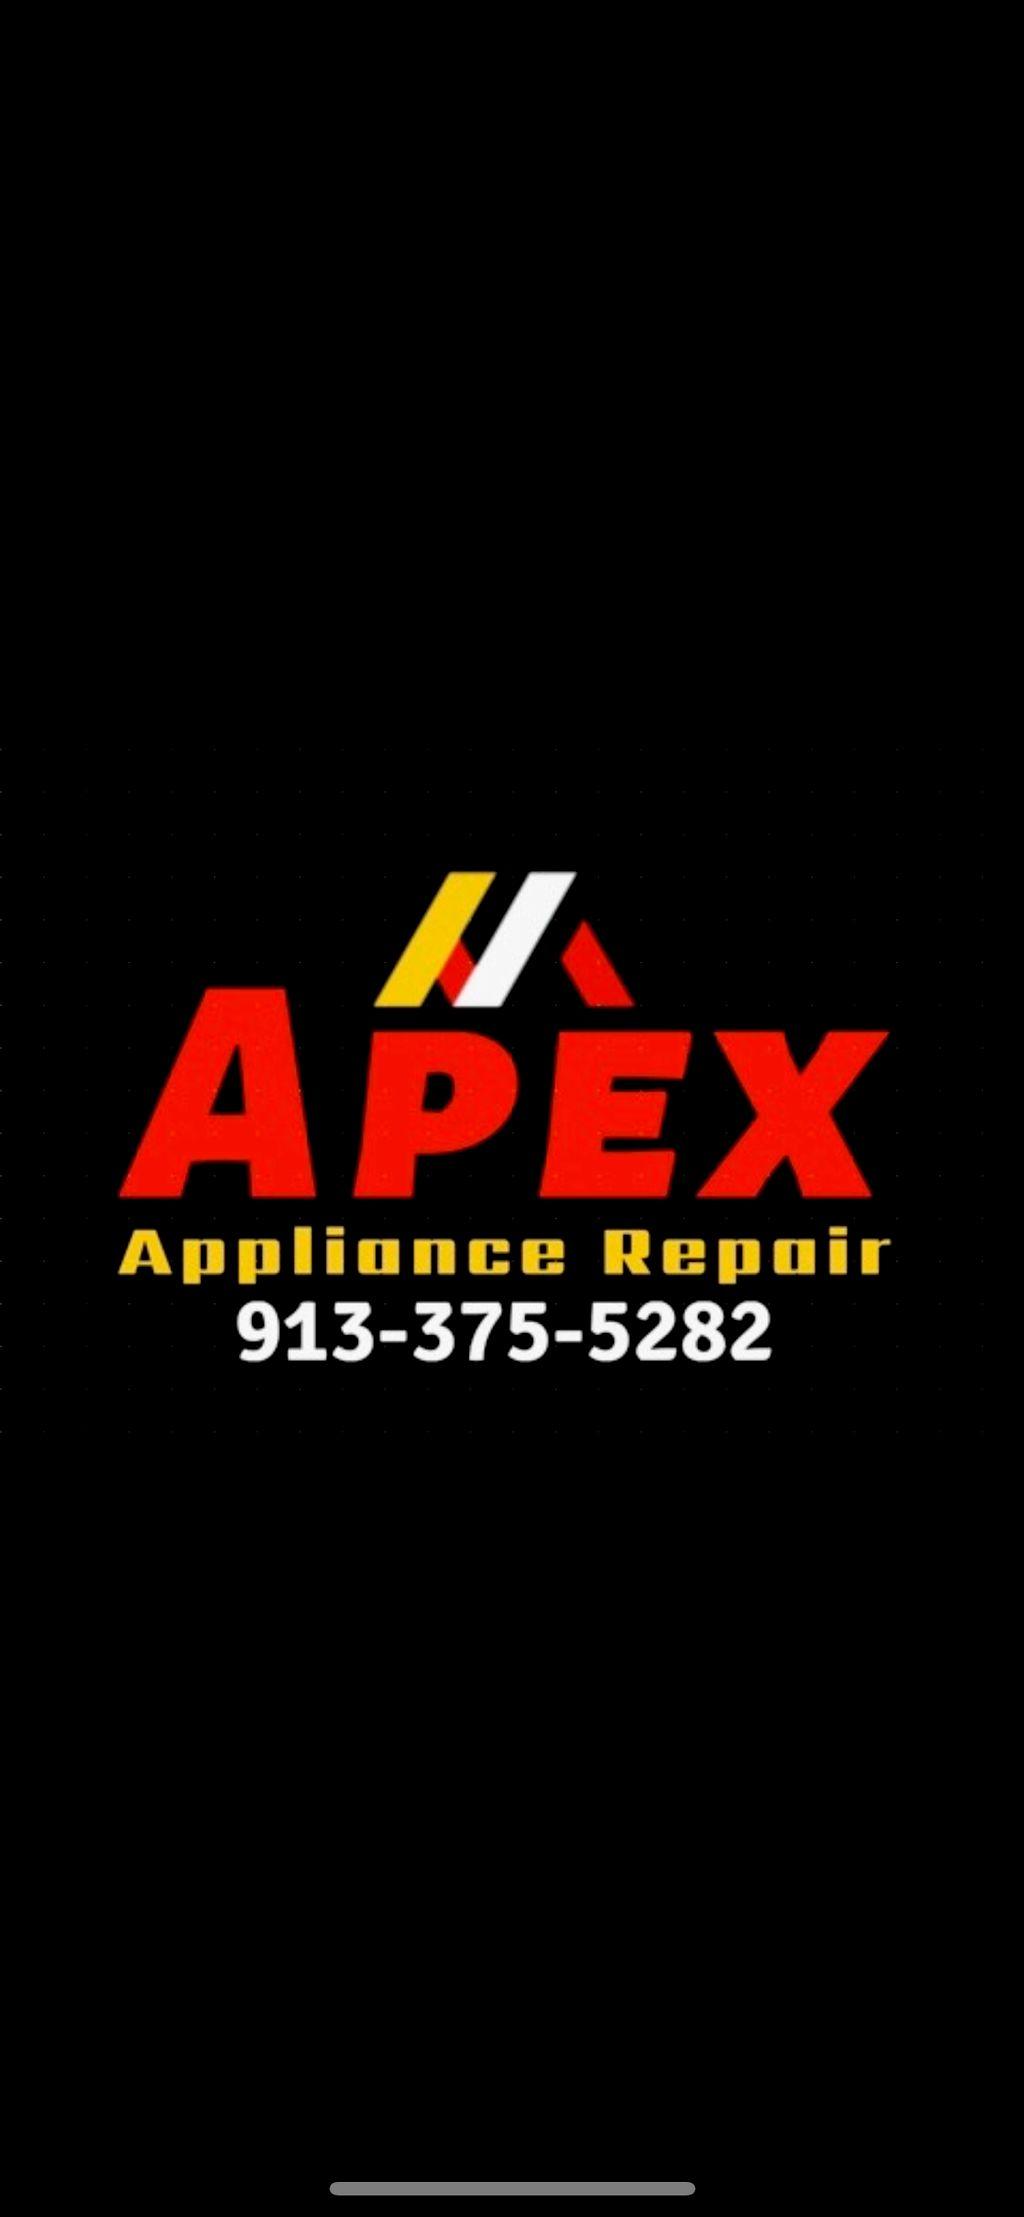 Apex Appliance Repair